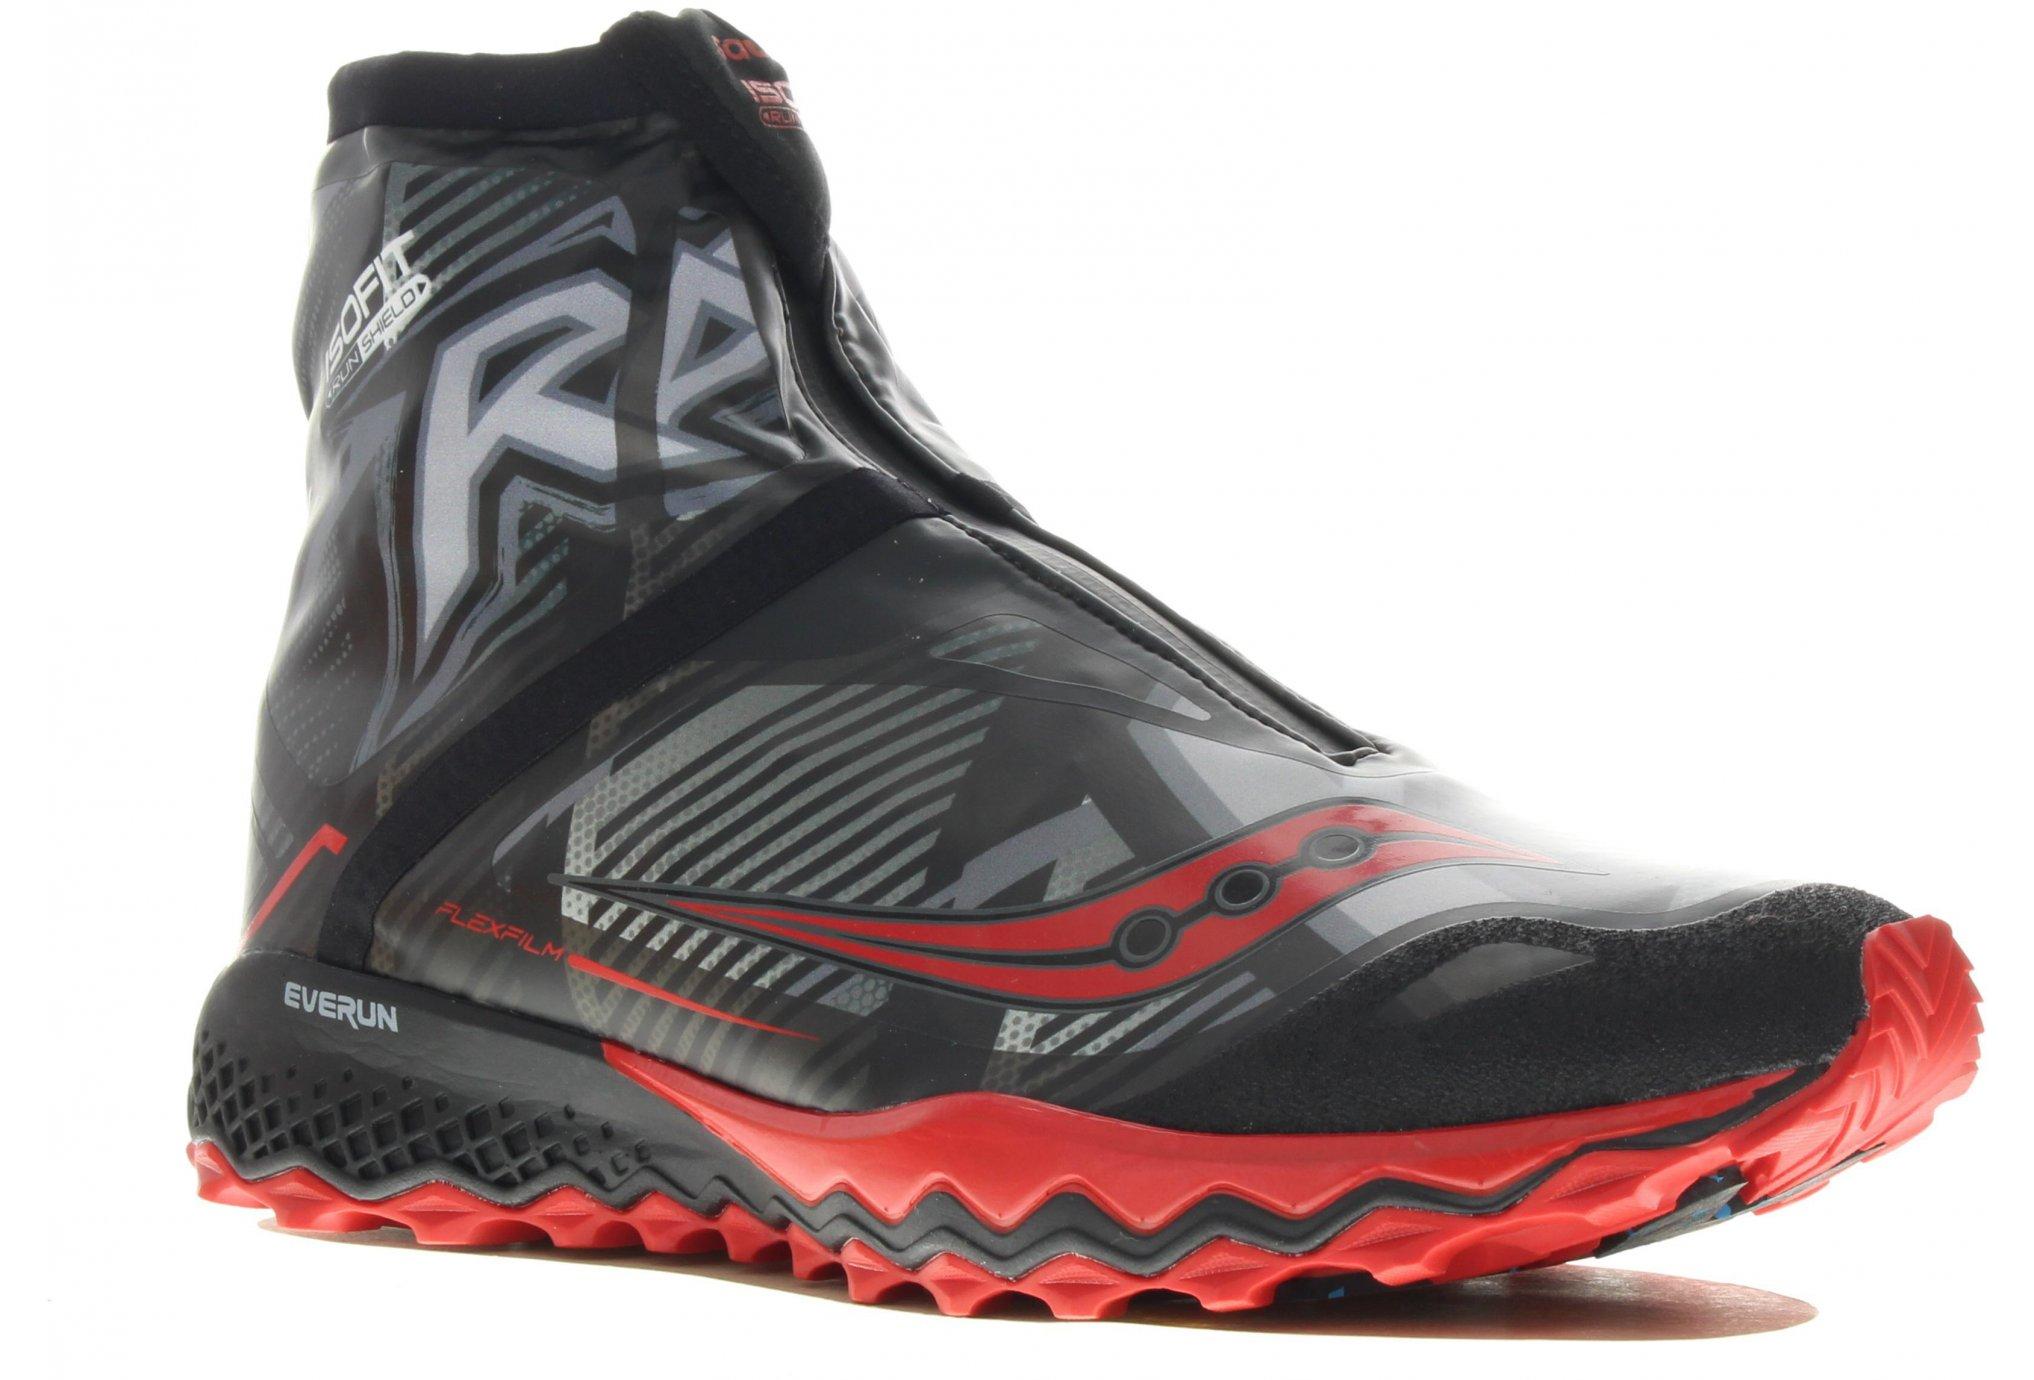 Saucony Razor Ice+ M Chaussures homme